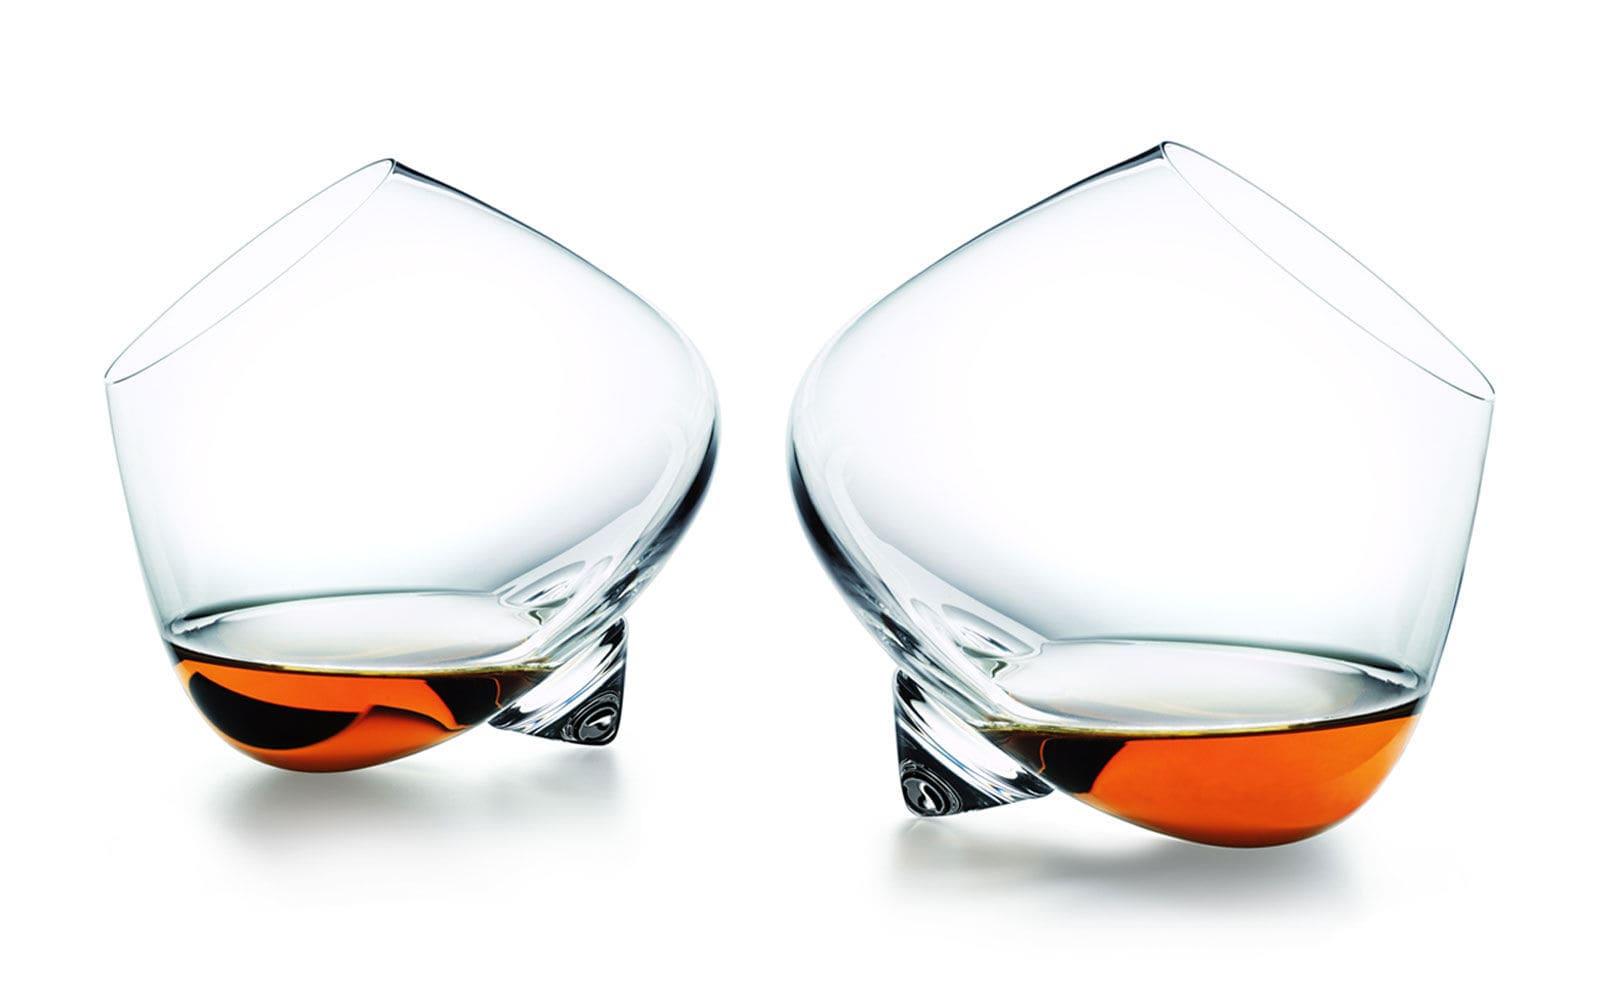 El consumo de alcohol es menor en vasos rectos que en los que tienen la boca inclinada hacia fuera